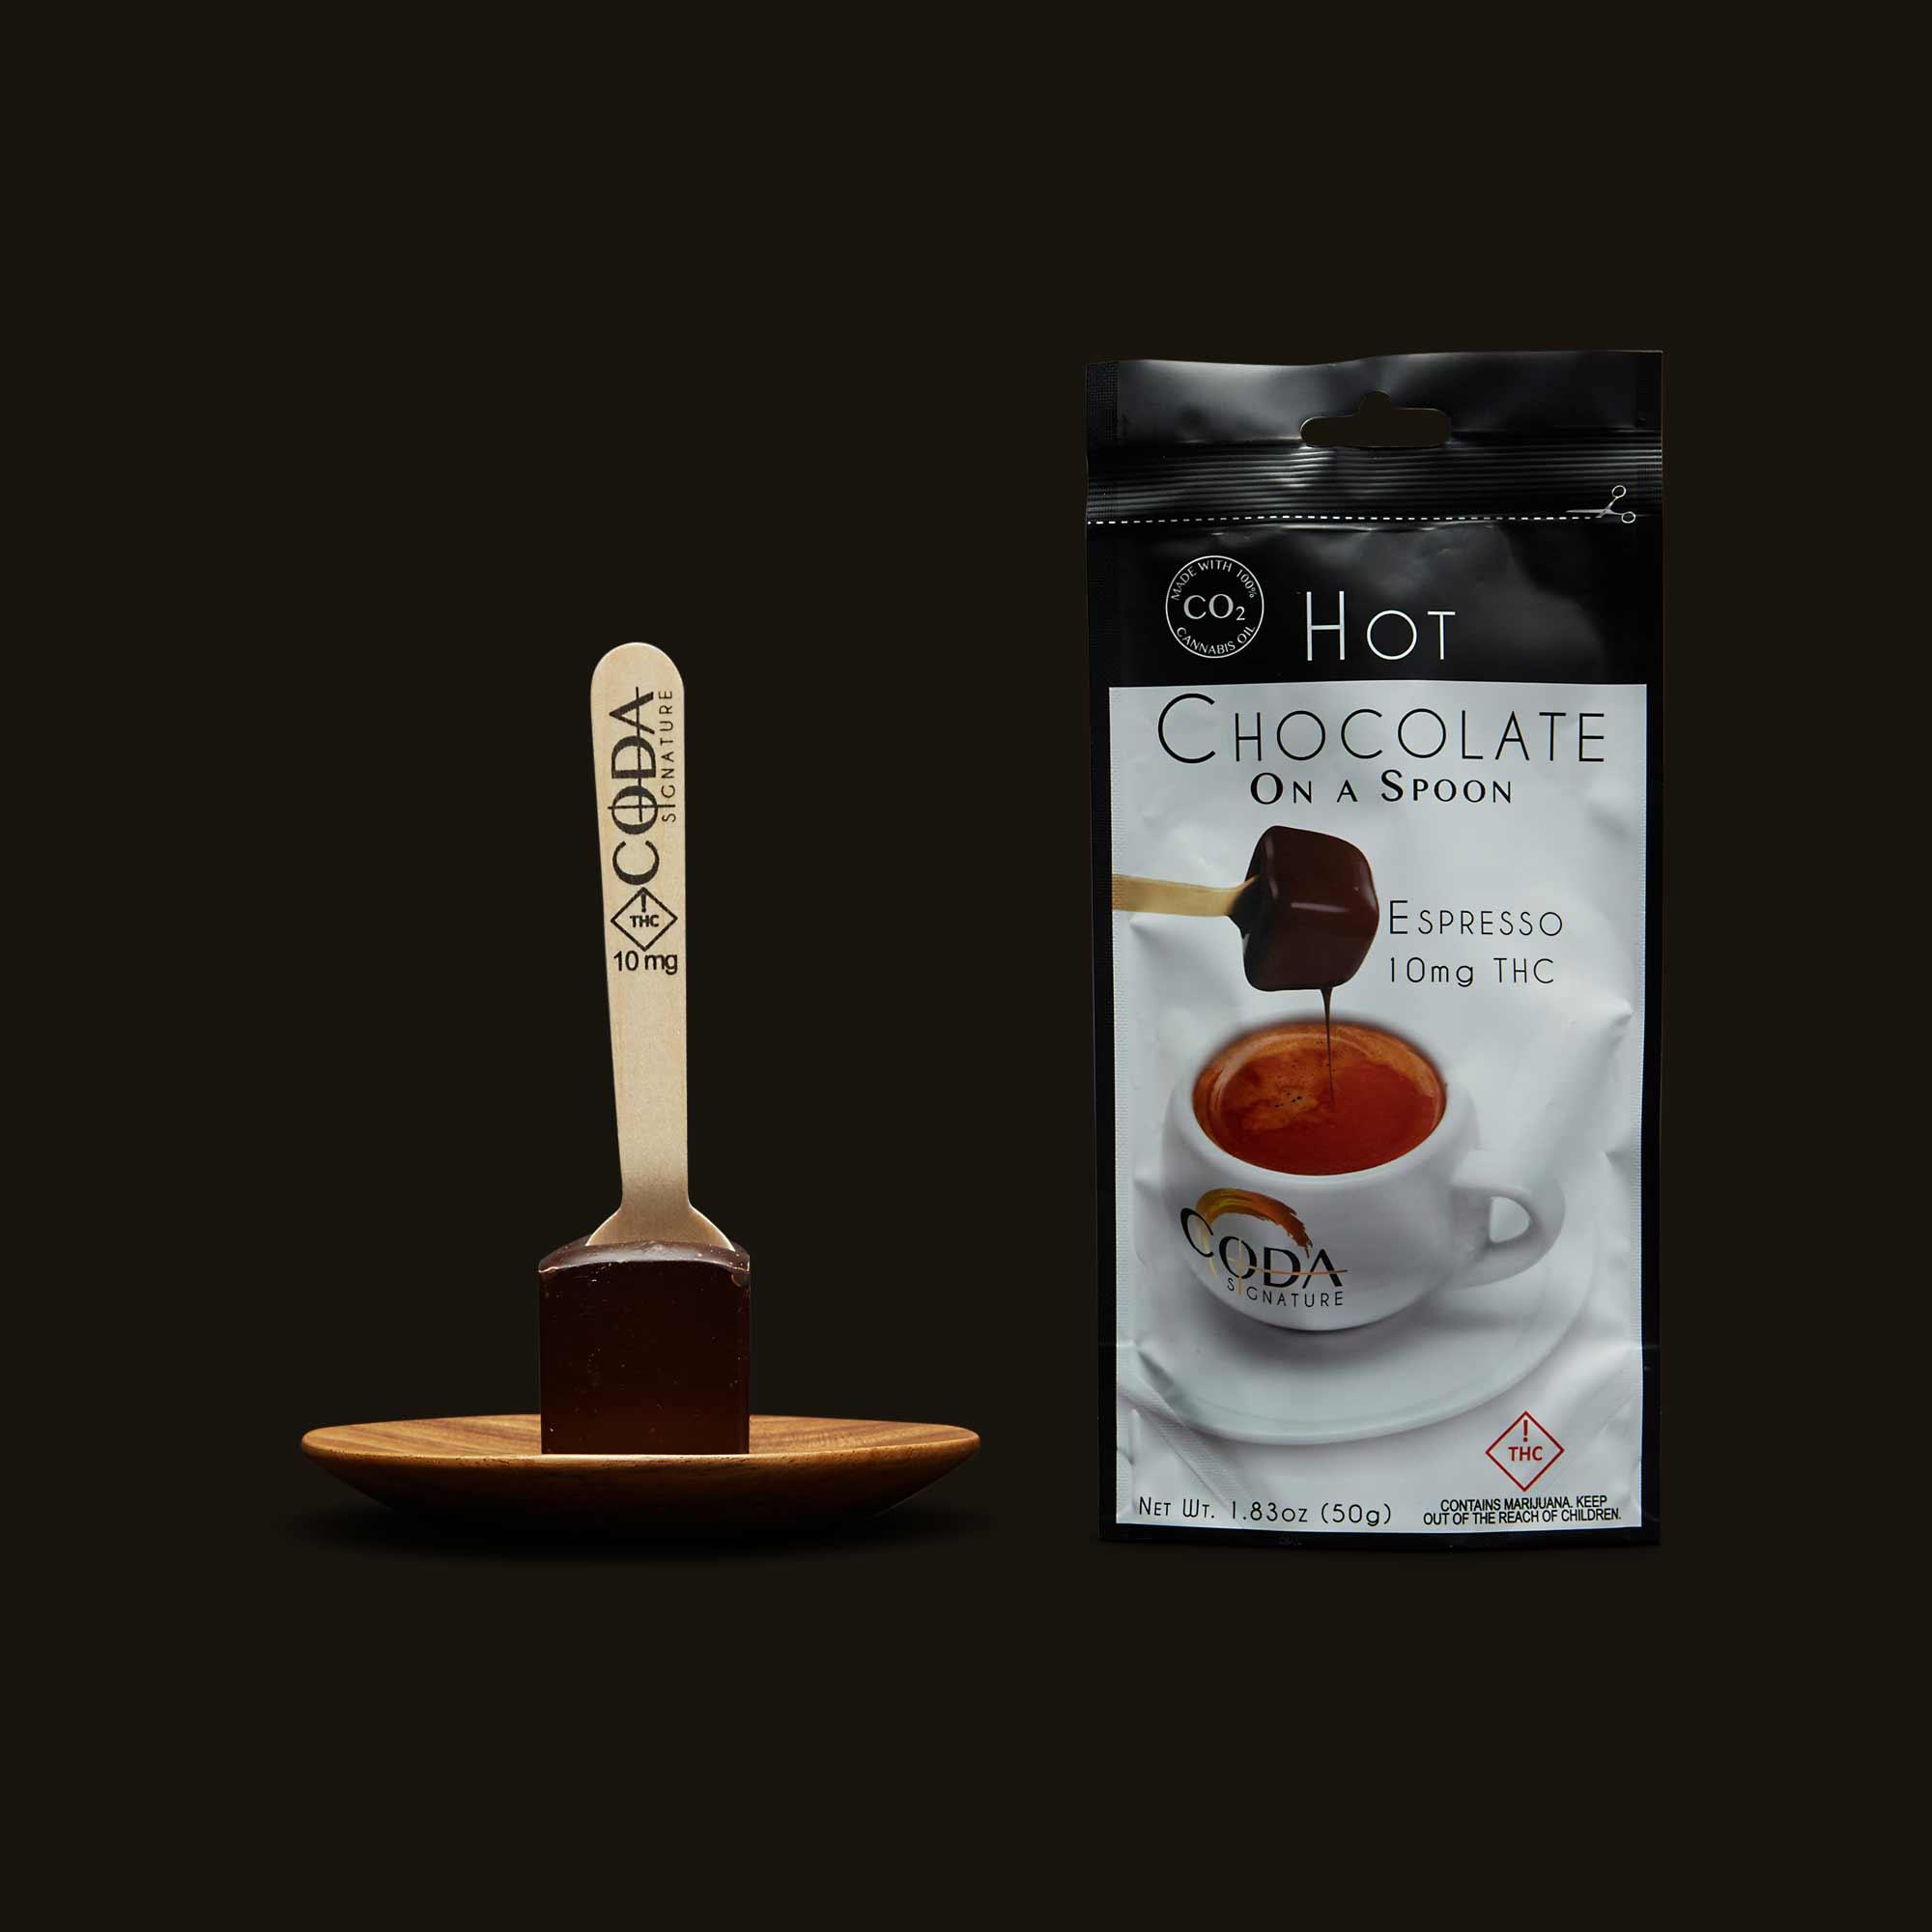 Coda Signature Espresso On A Spoon